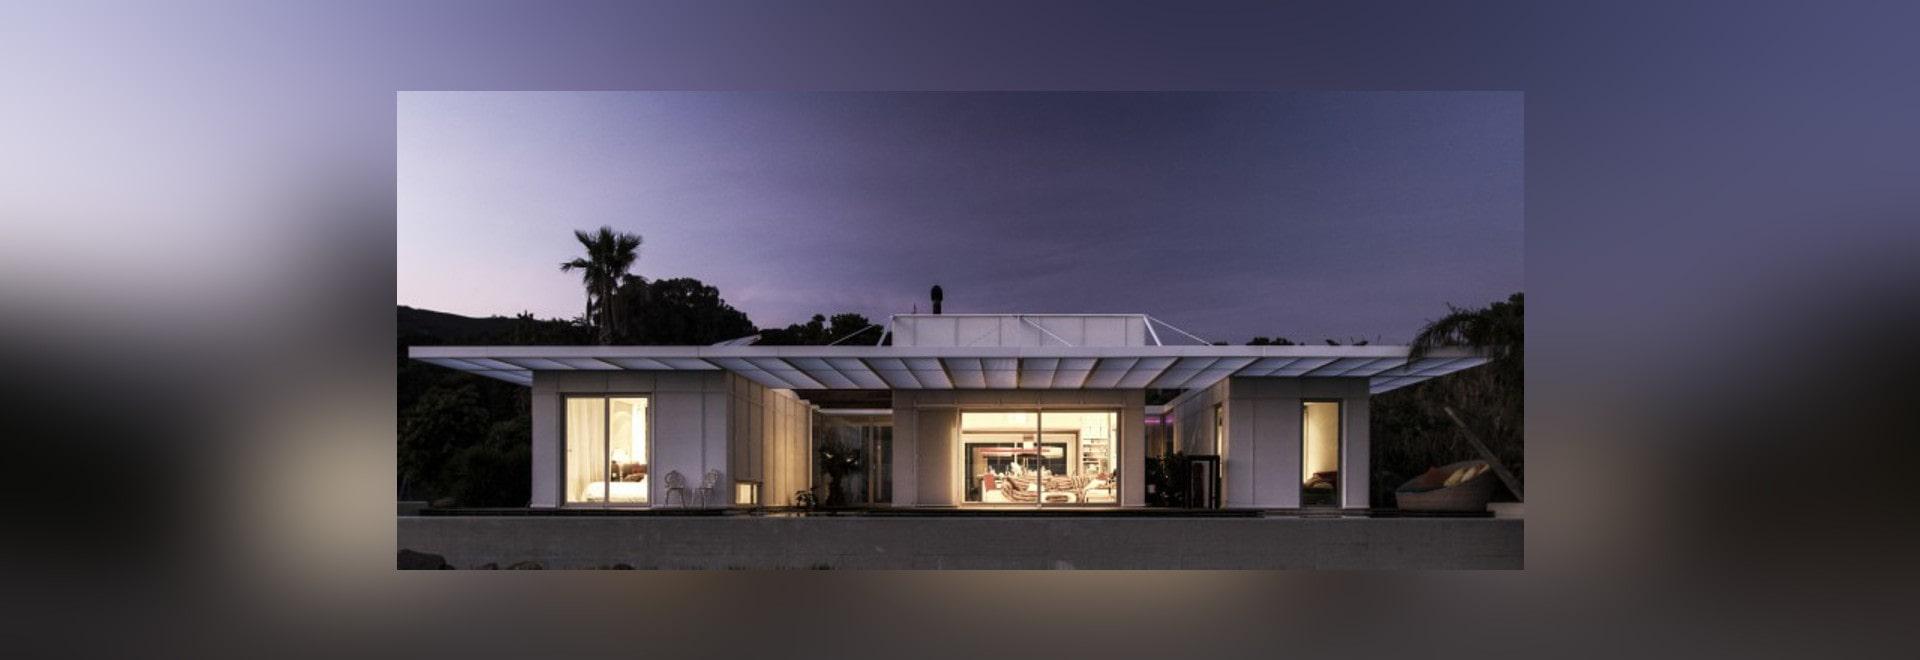 TARIFA HOUSE BY JAMES & MAU